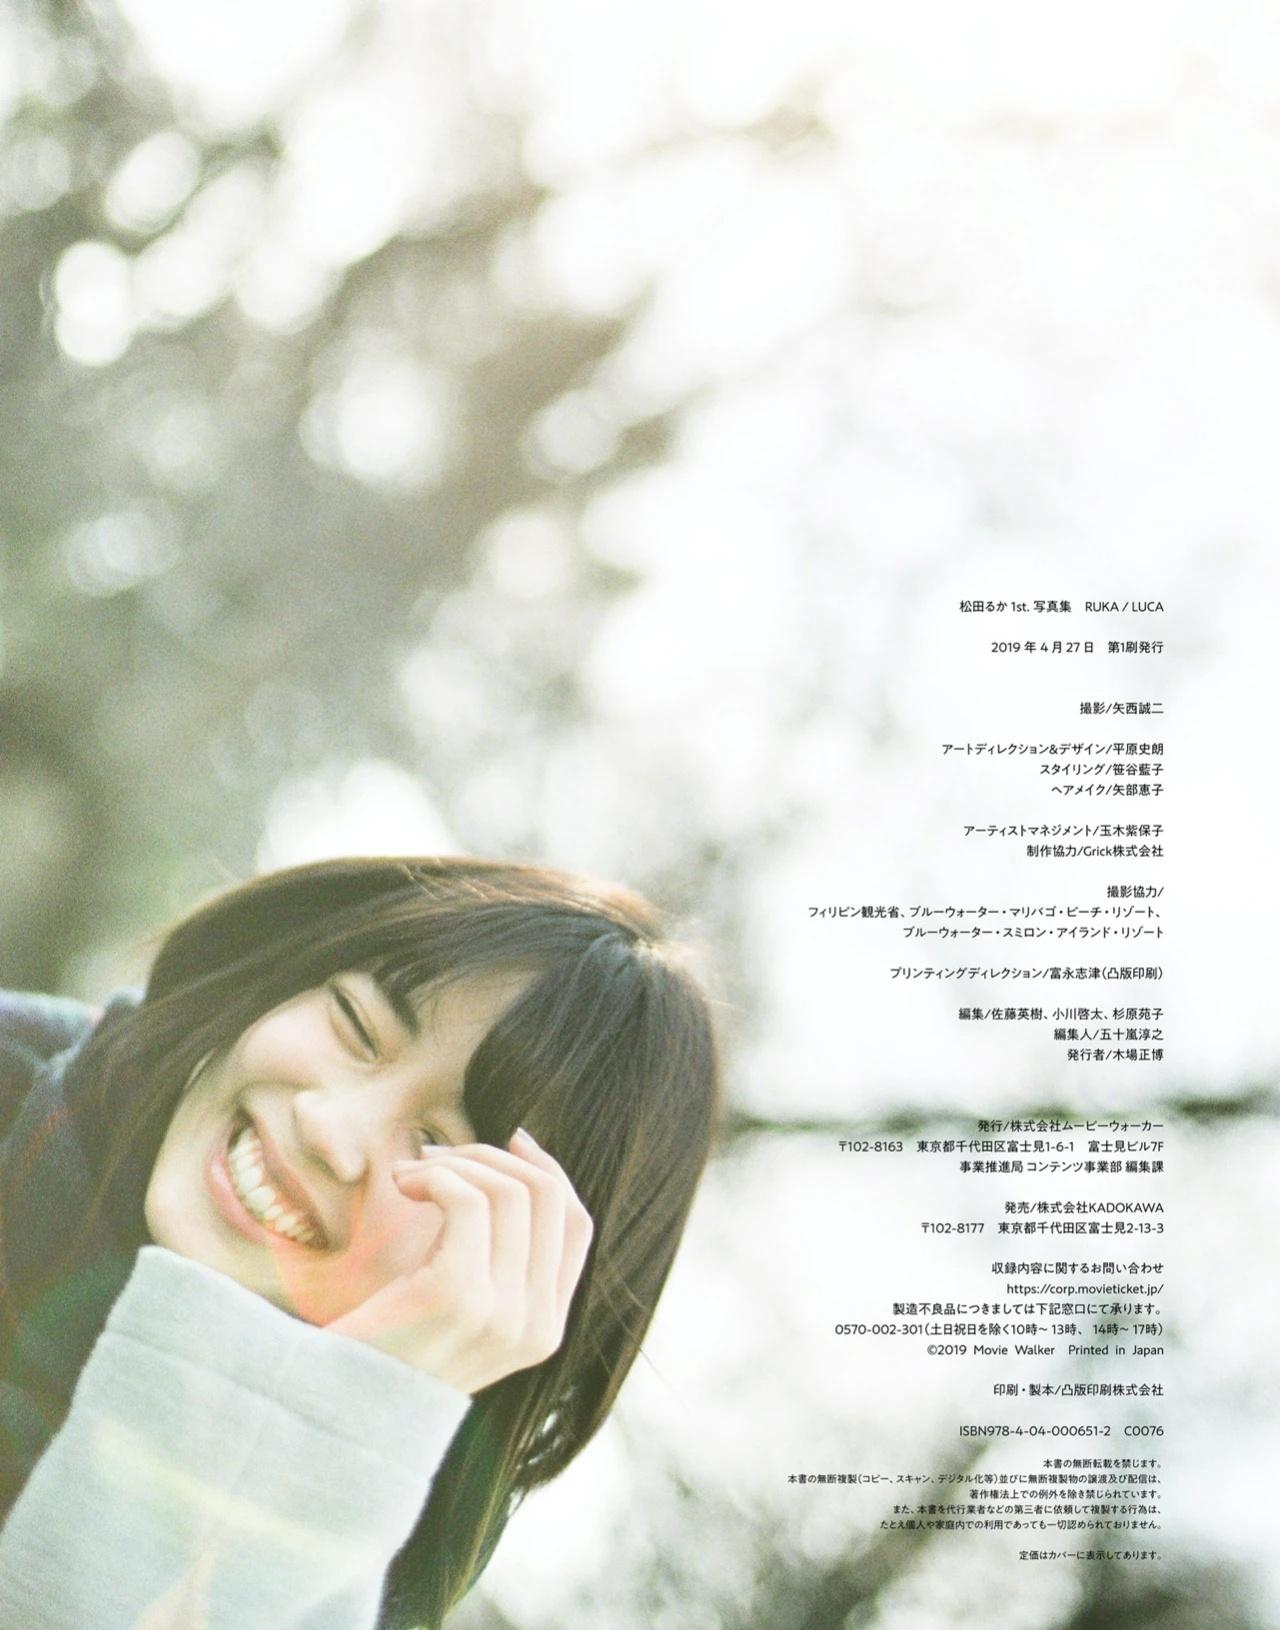 【写真】松田瑠华2019年1st.写真集『RUKA / LUCA』-喵喵女